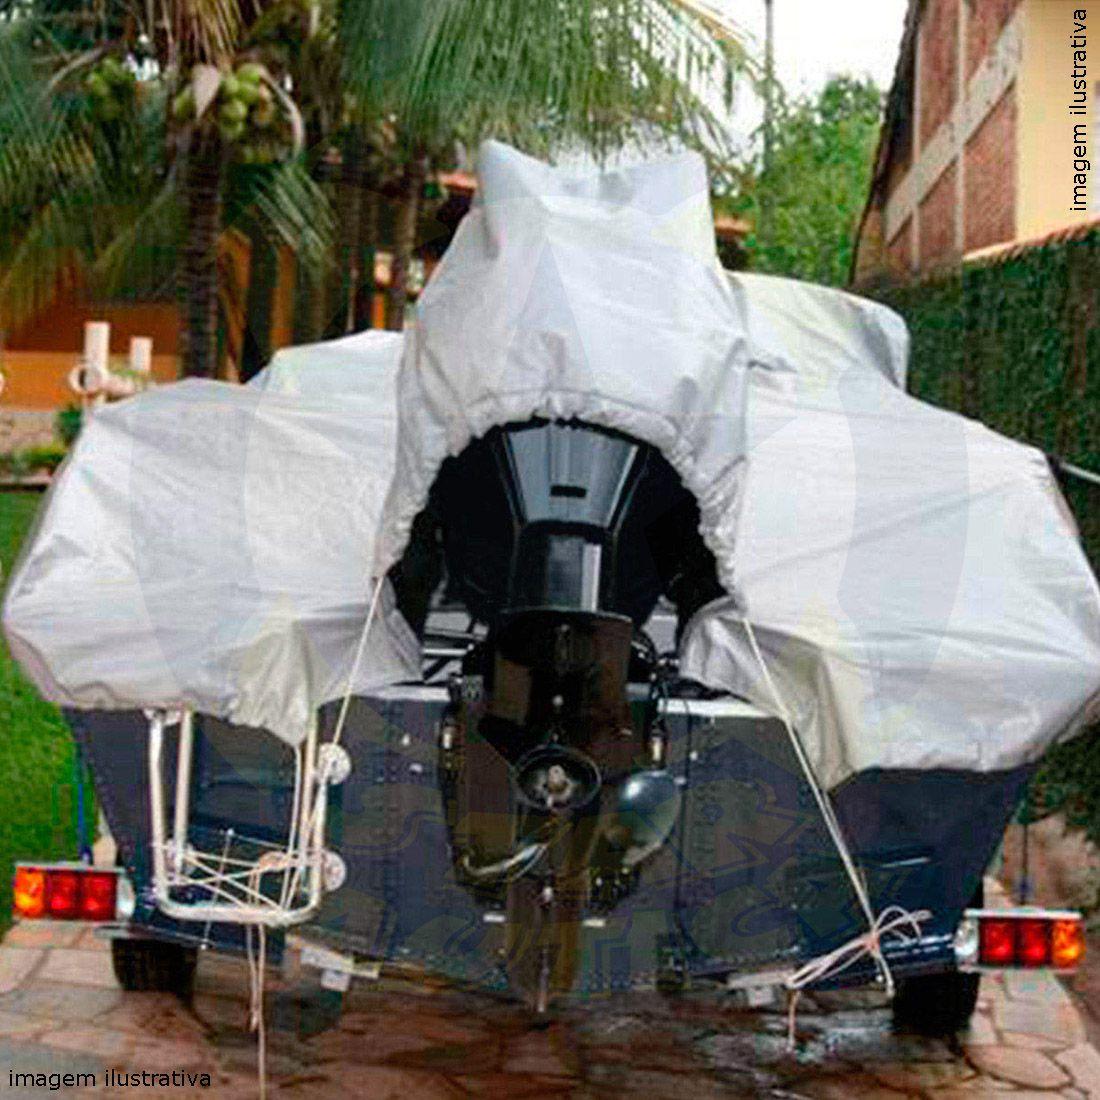 Capa Lona de Cobertura Lancha Marajó 19 Machine Lona Poliéster